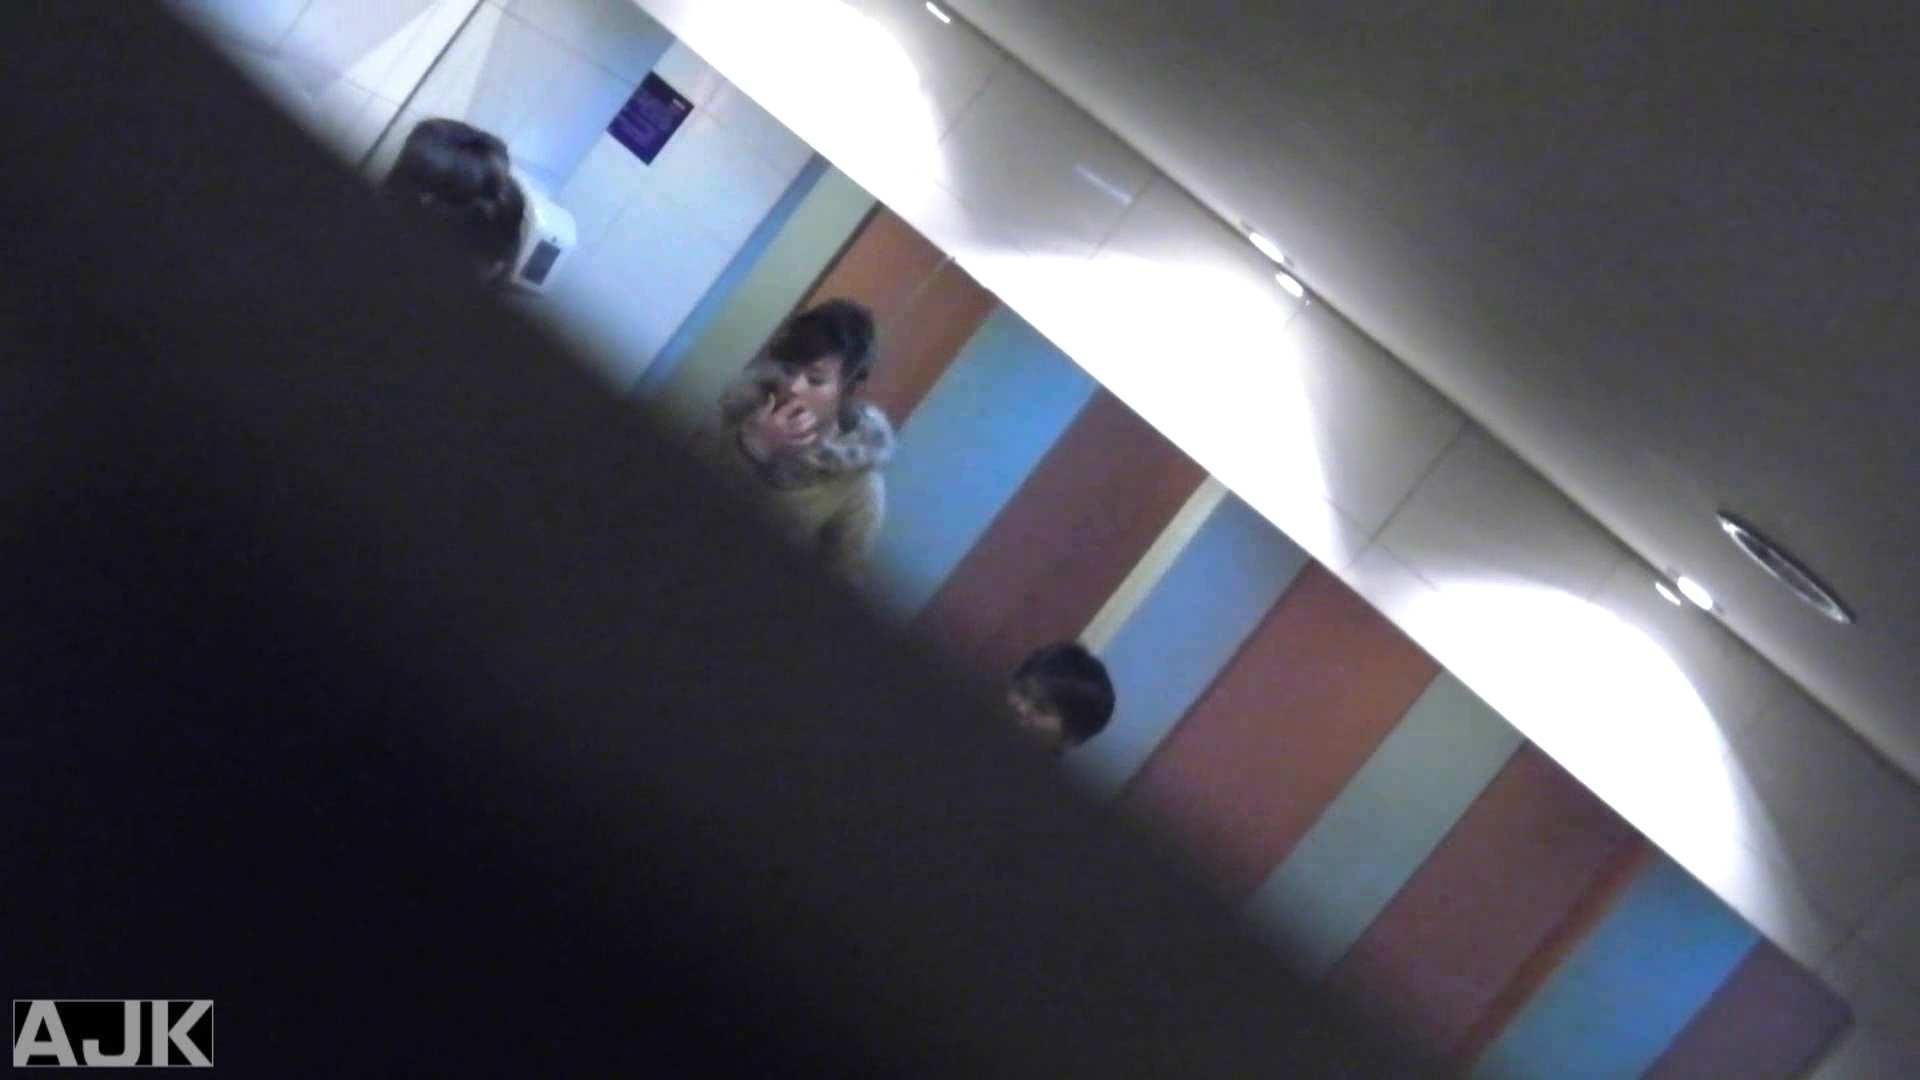 隣国上階級エリアの令嬢たちが集うデパートお手洗い Vol.06 マンコ AV動画キャプチャ 78画像 27